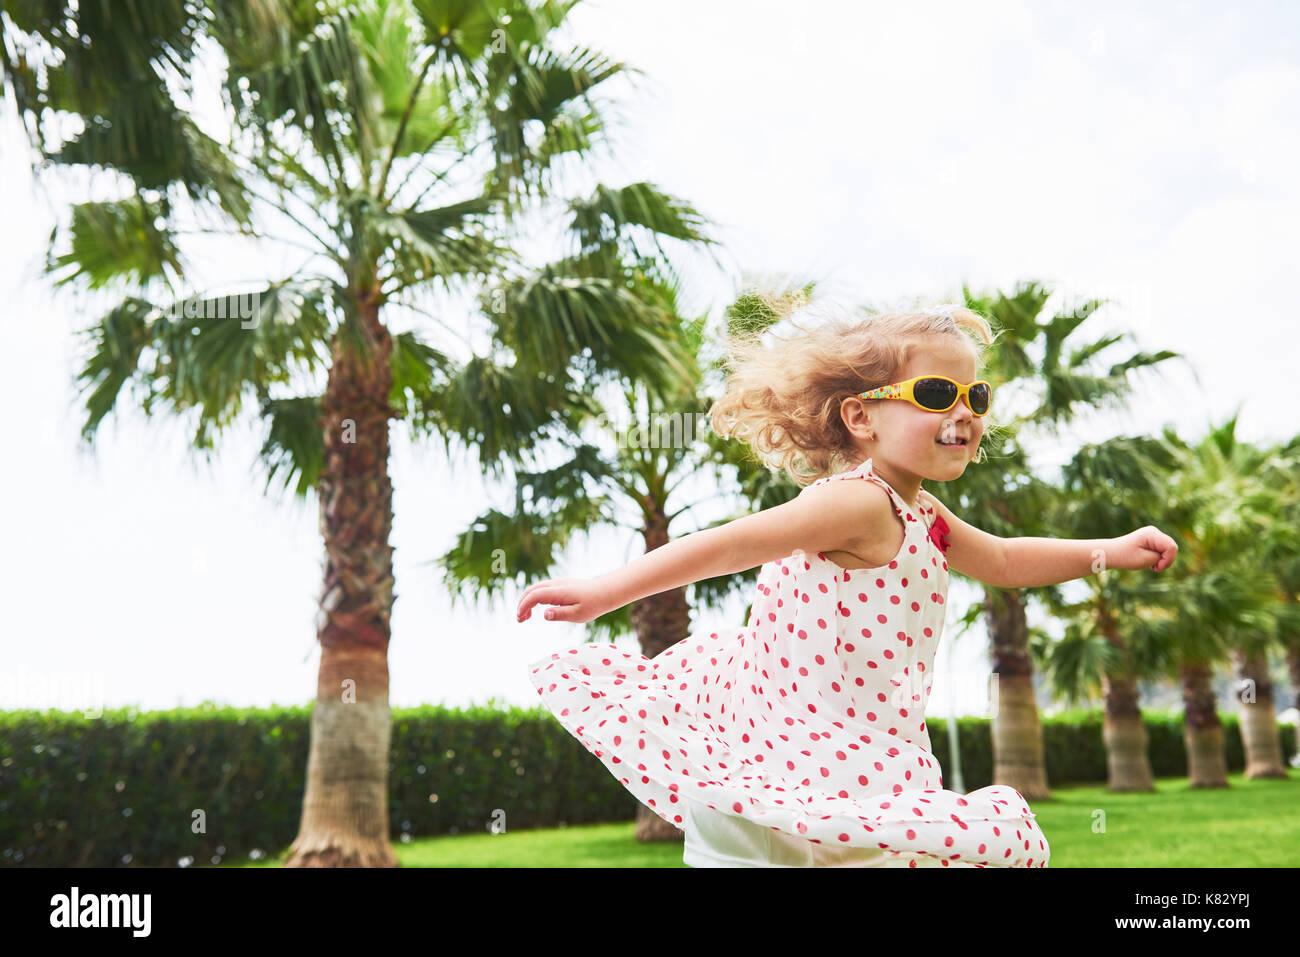 Baby Mädchen in einem Park in der Nähe von Bäumen. Stockbild